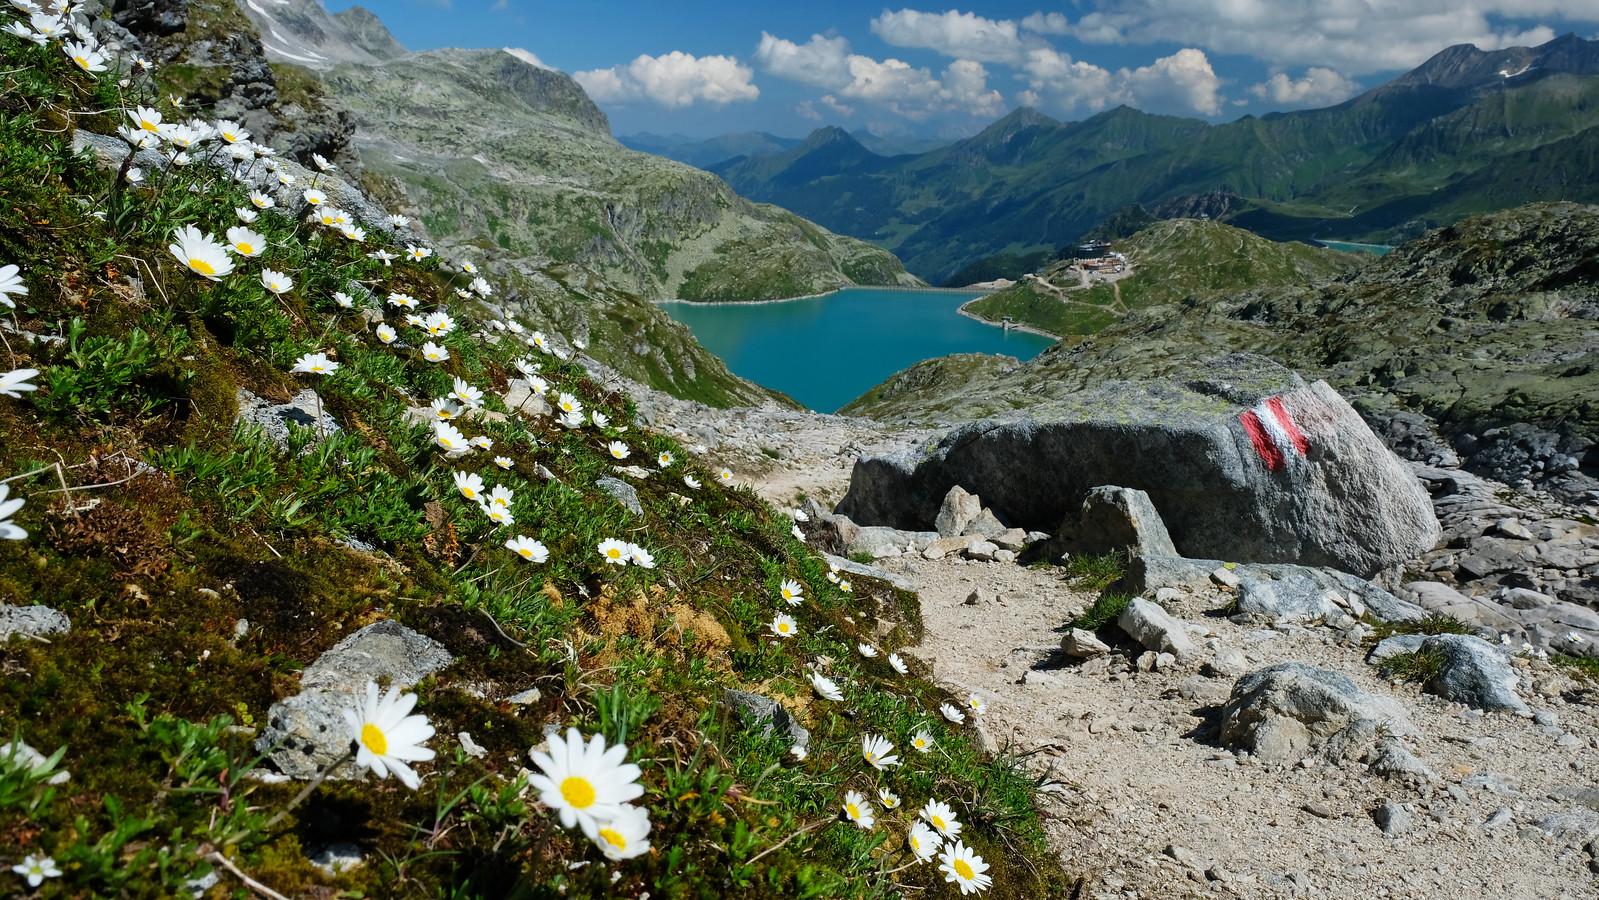 Weisssee Glacier World, Alps, Austria